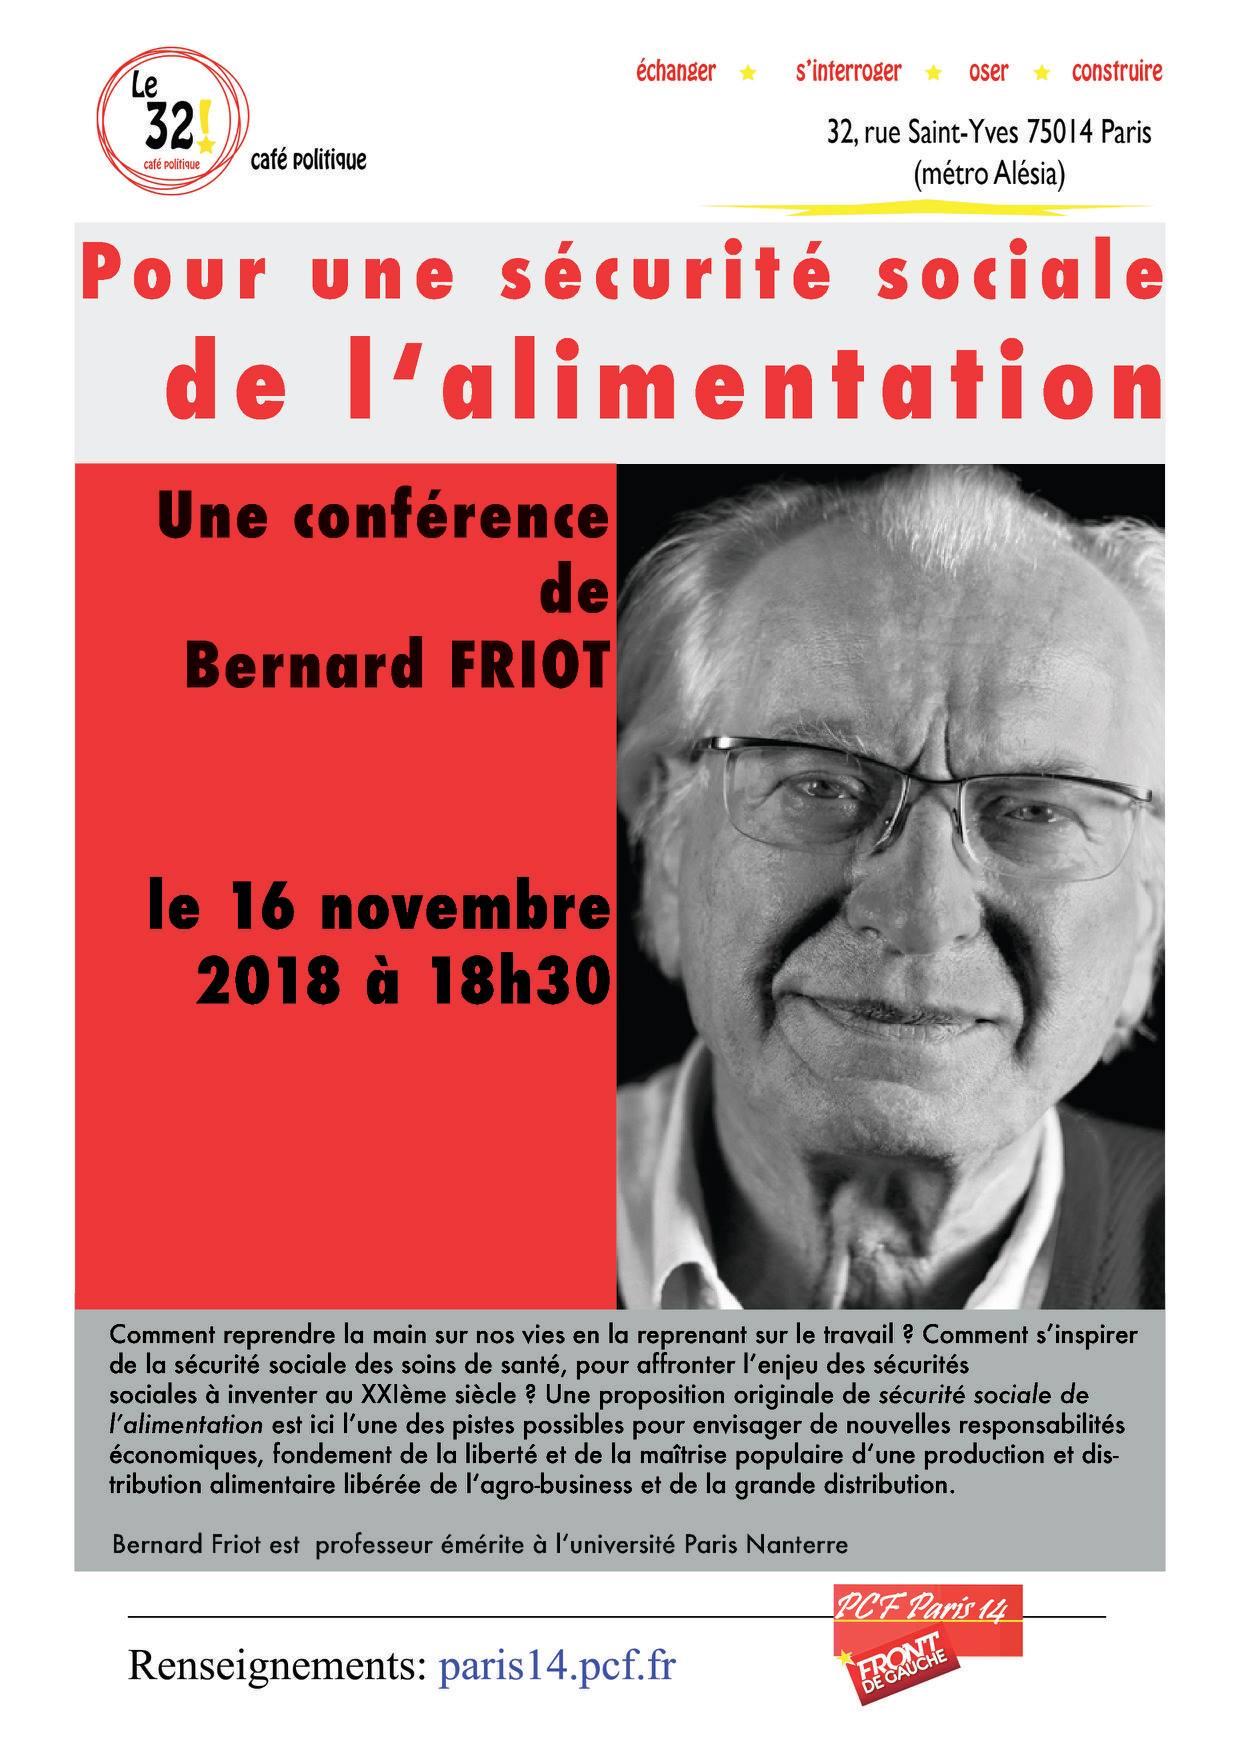 conf-PCF-paris14e.jpg